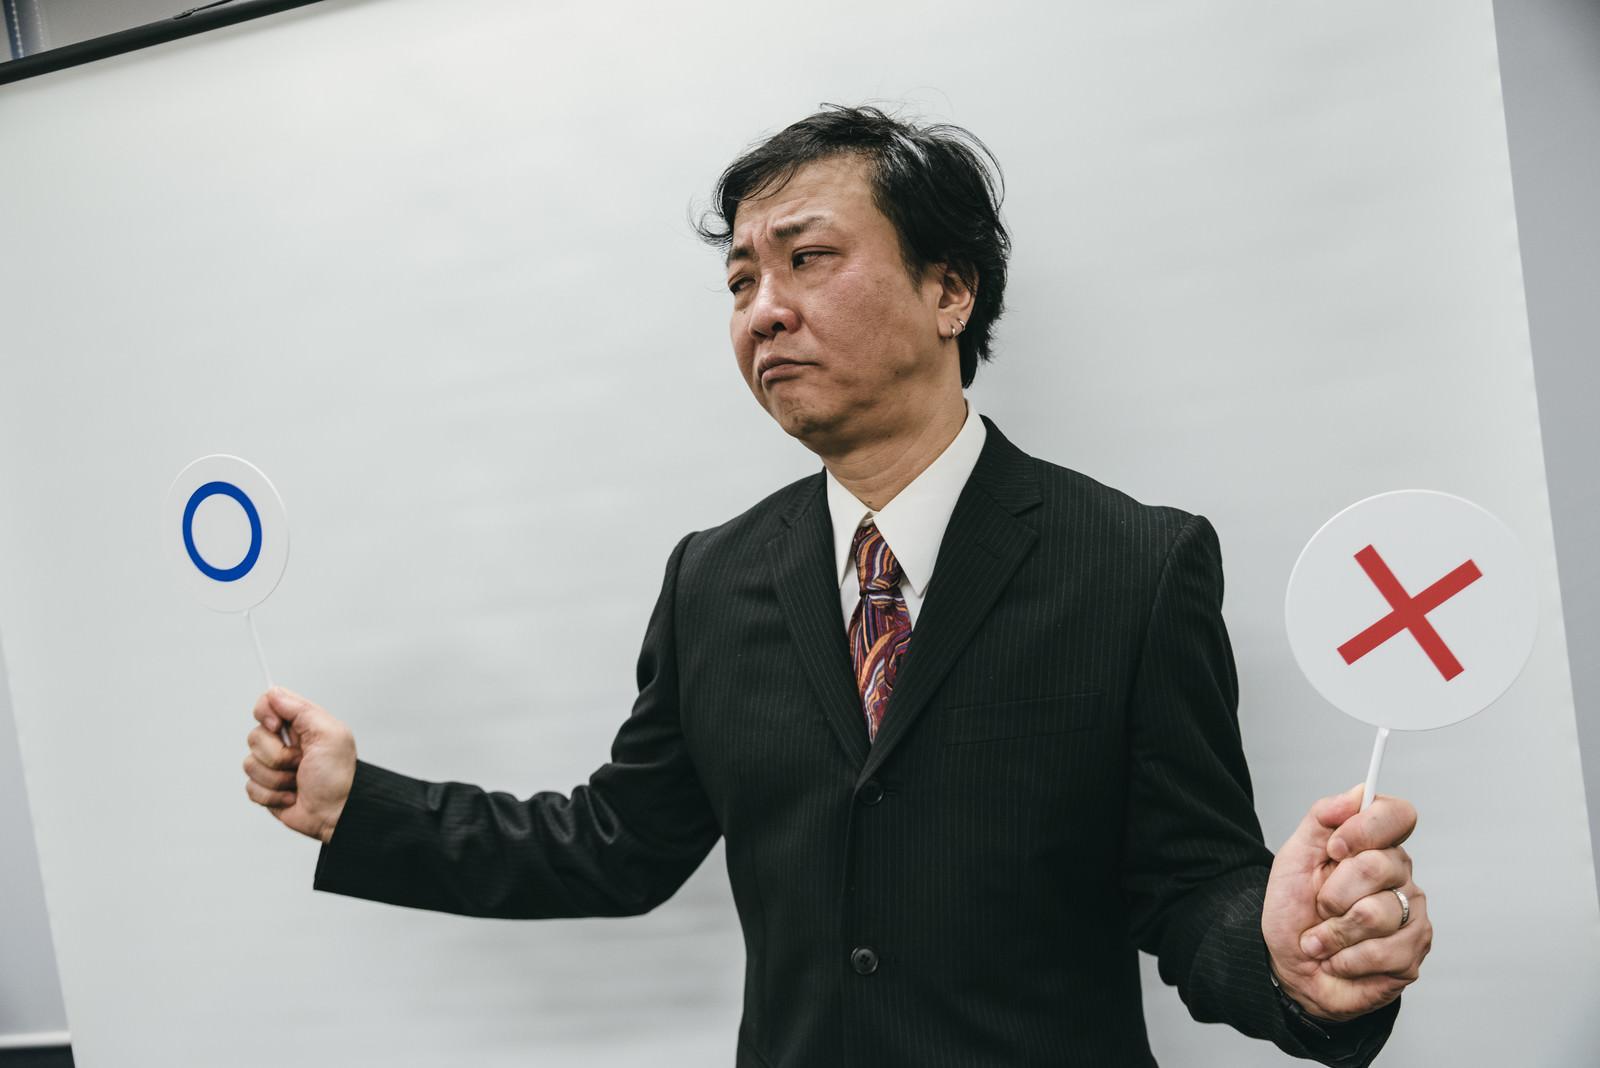 「○×クイズで難儀する上司」の写真[モデル:のせさん]